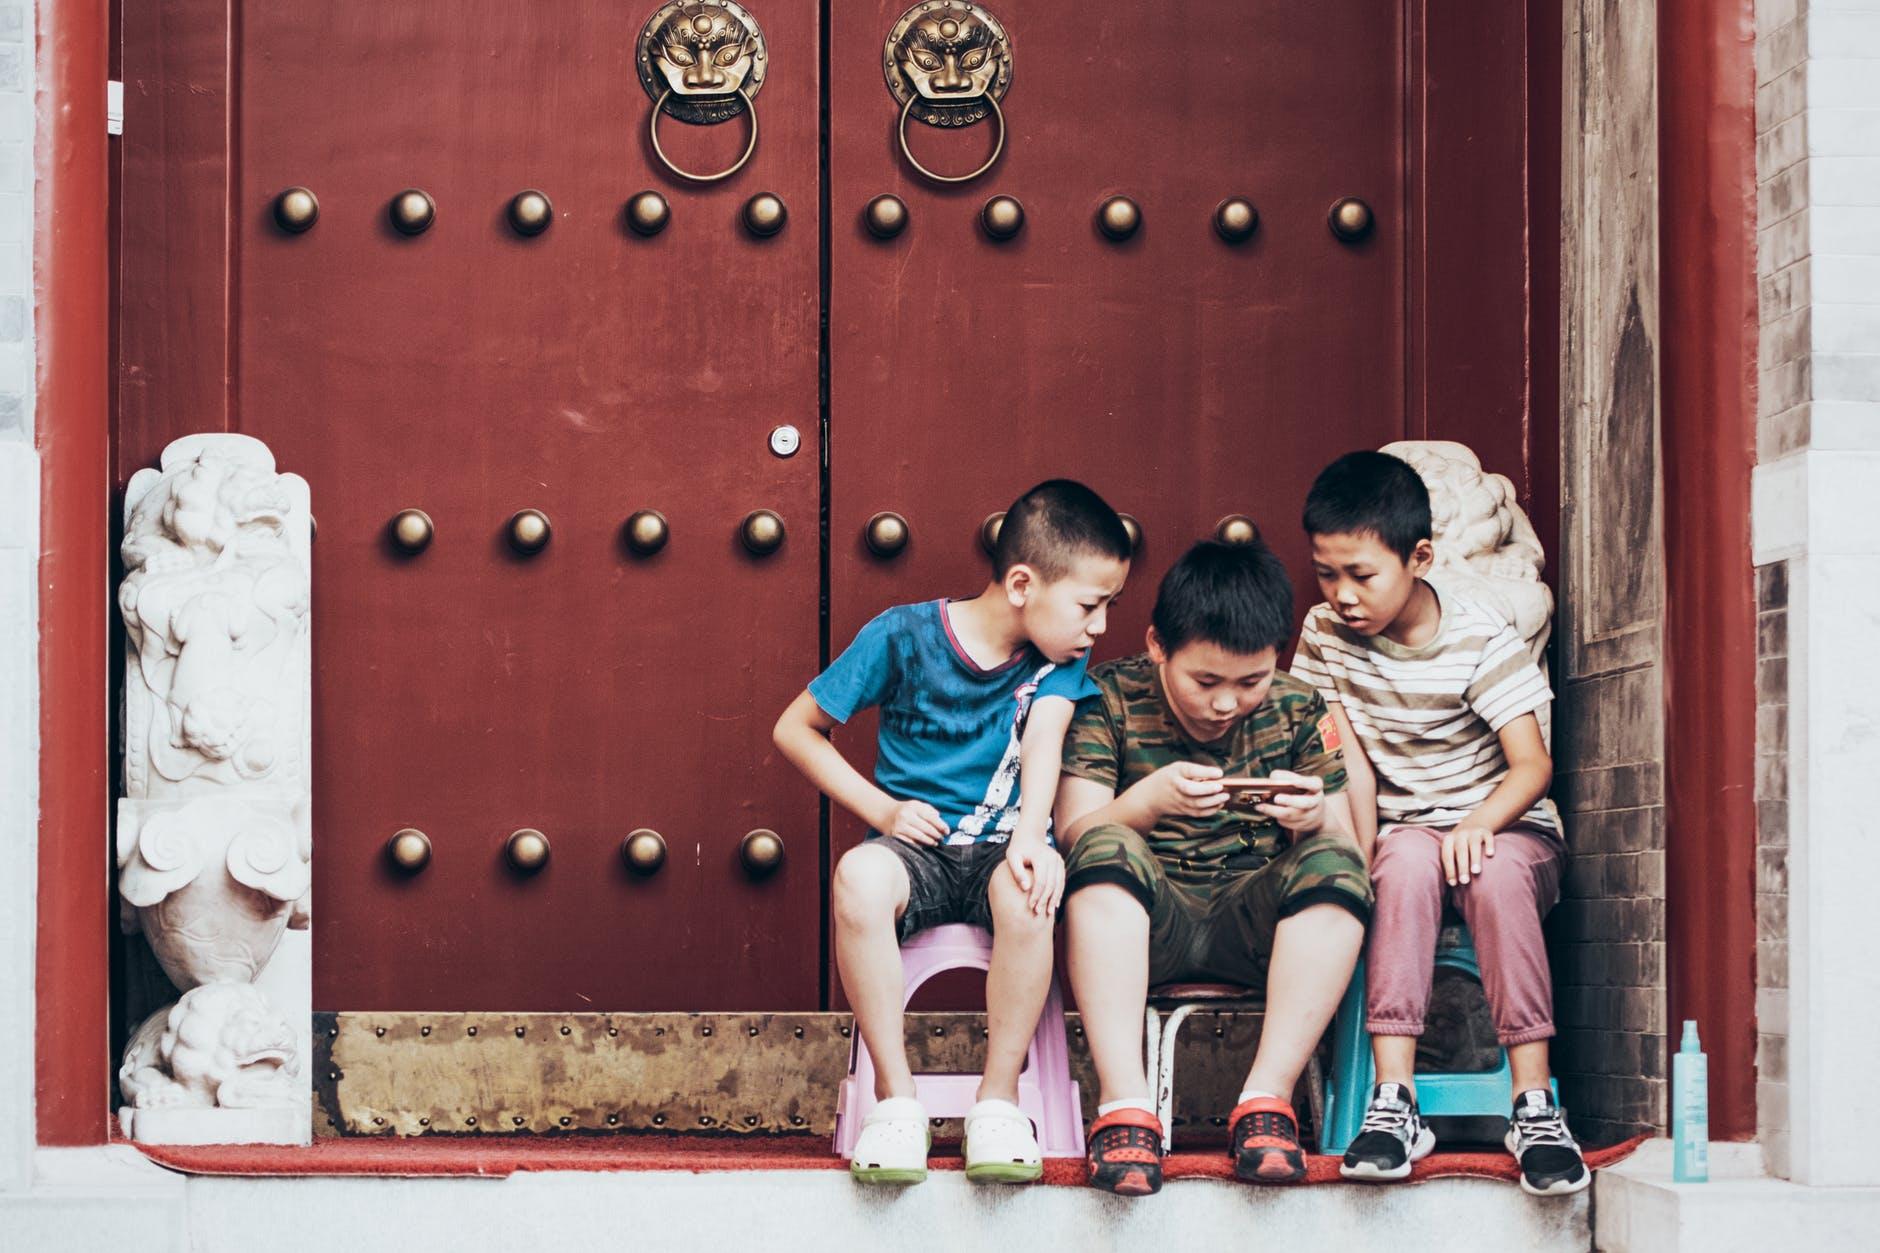 Se tiene que acotar la utilización de teléfono móviles por parte de los niños